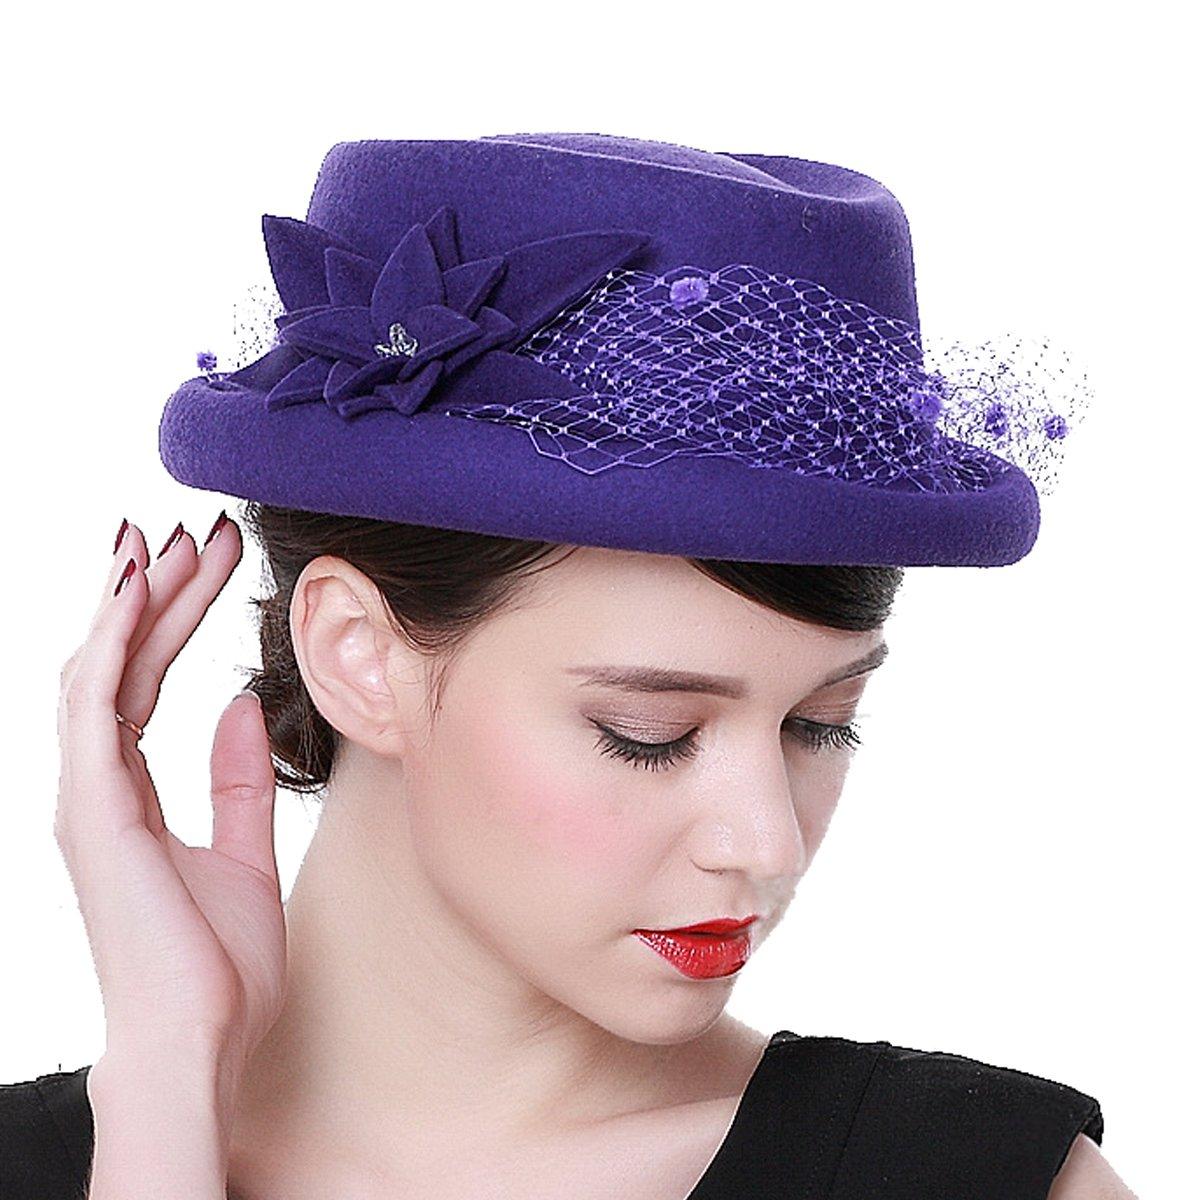 1232c6e3be460 Luxury Women 100% Wool Fascinators Church Winter Wedding Party Hat (Purple)  Apparel